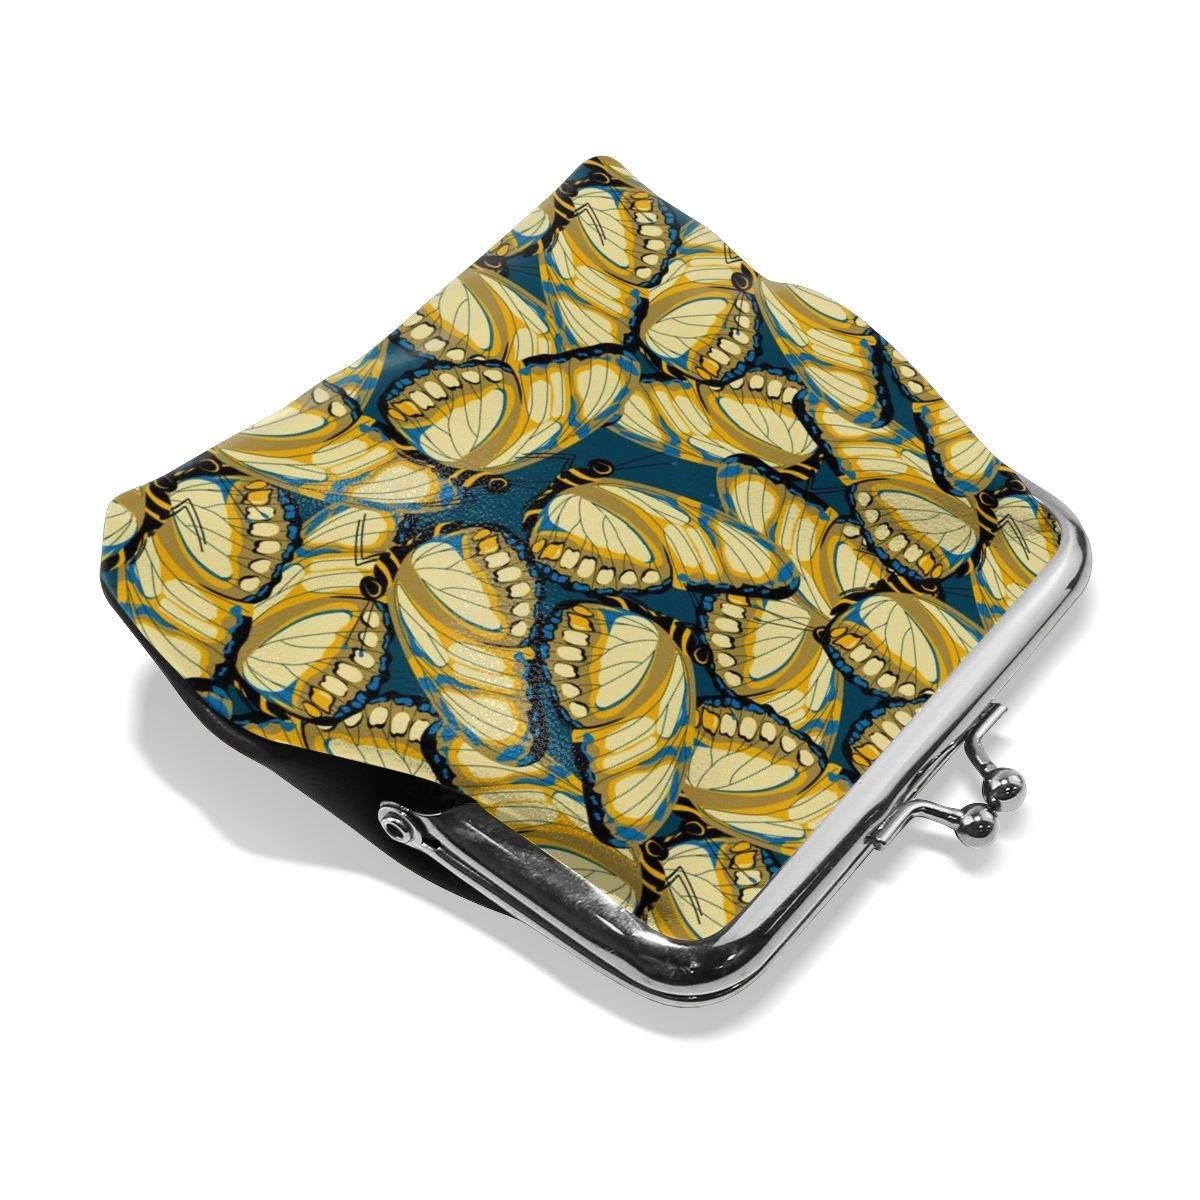 Butterflies Cute Buckle Coin Purses Buckle Buckle Change Purse Wallets